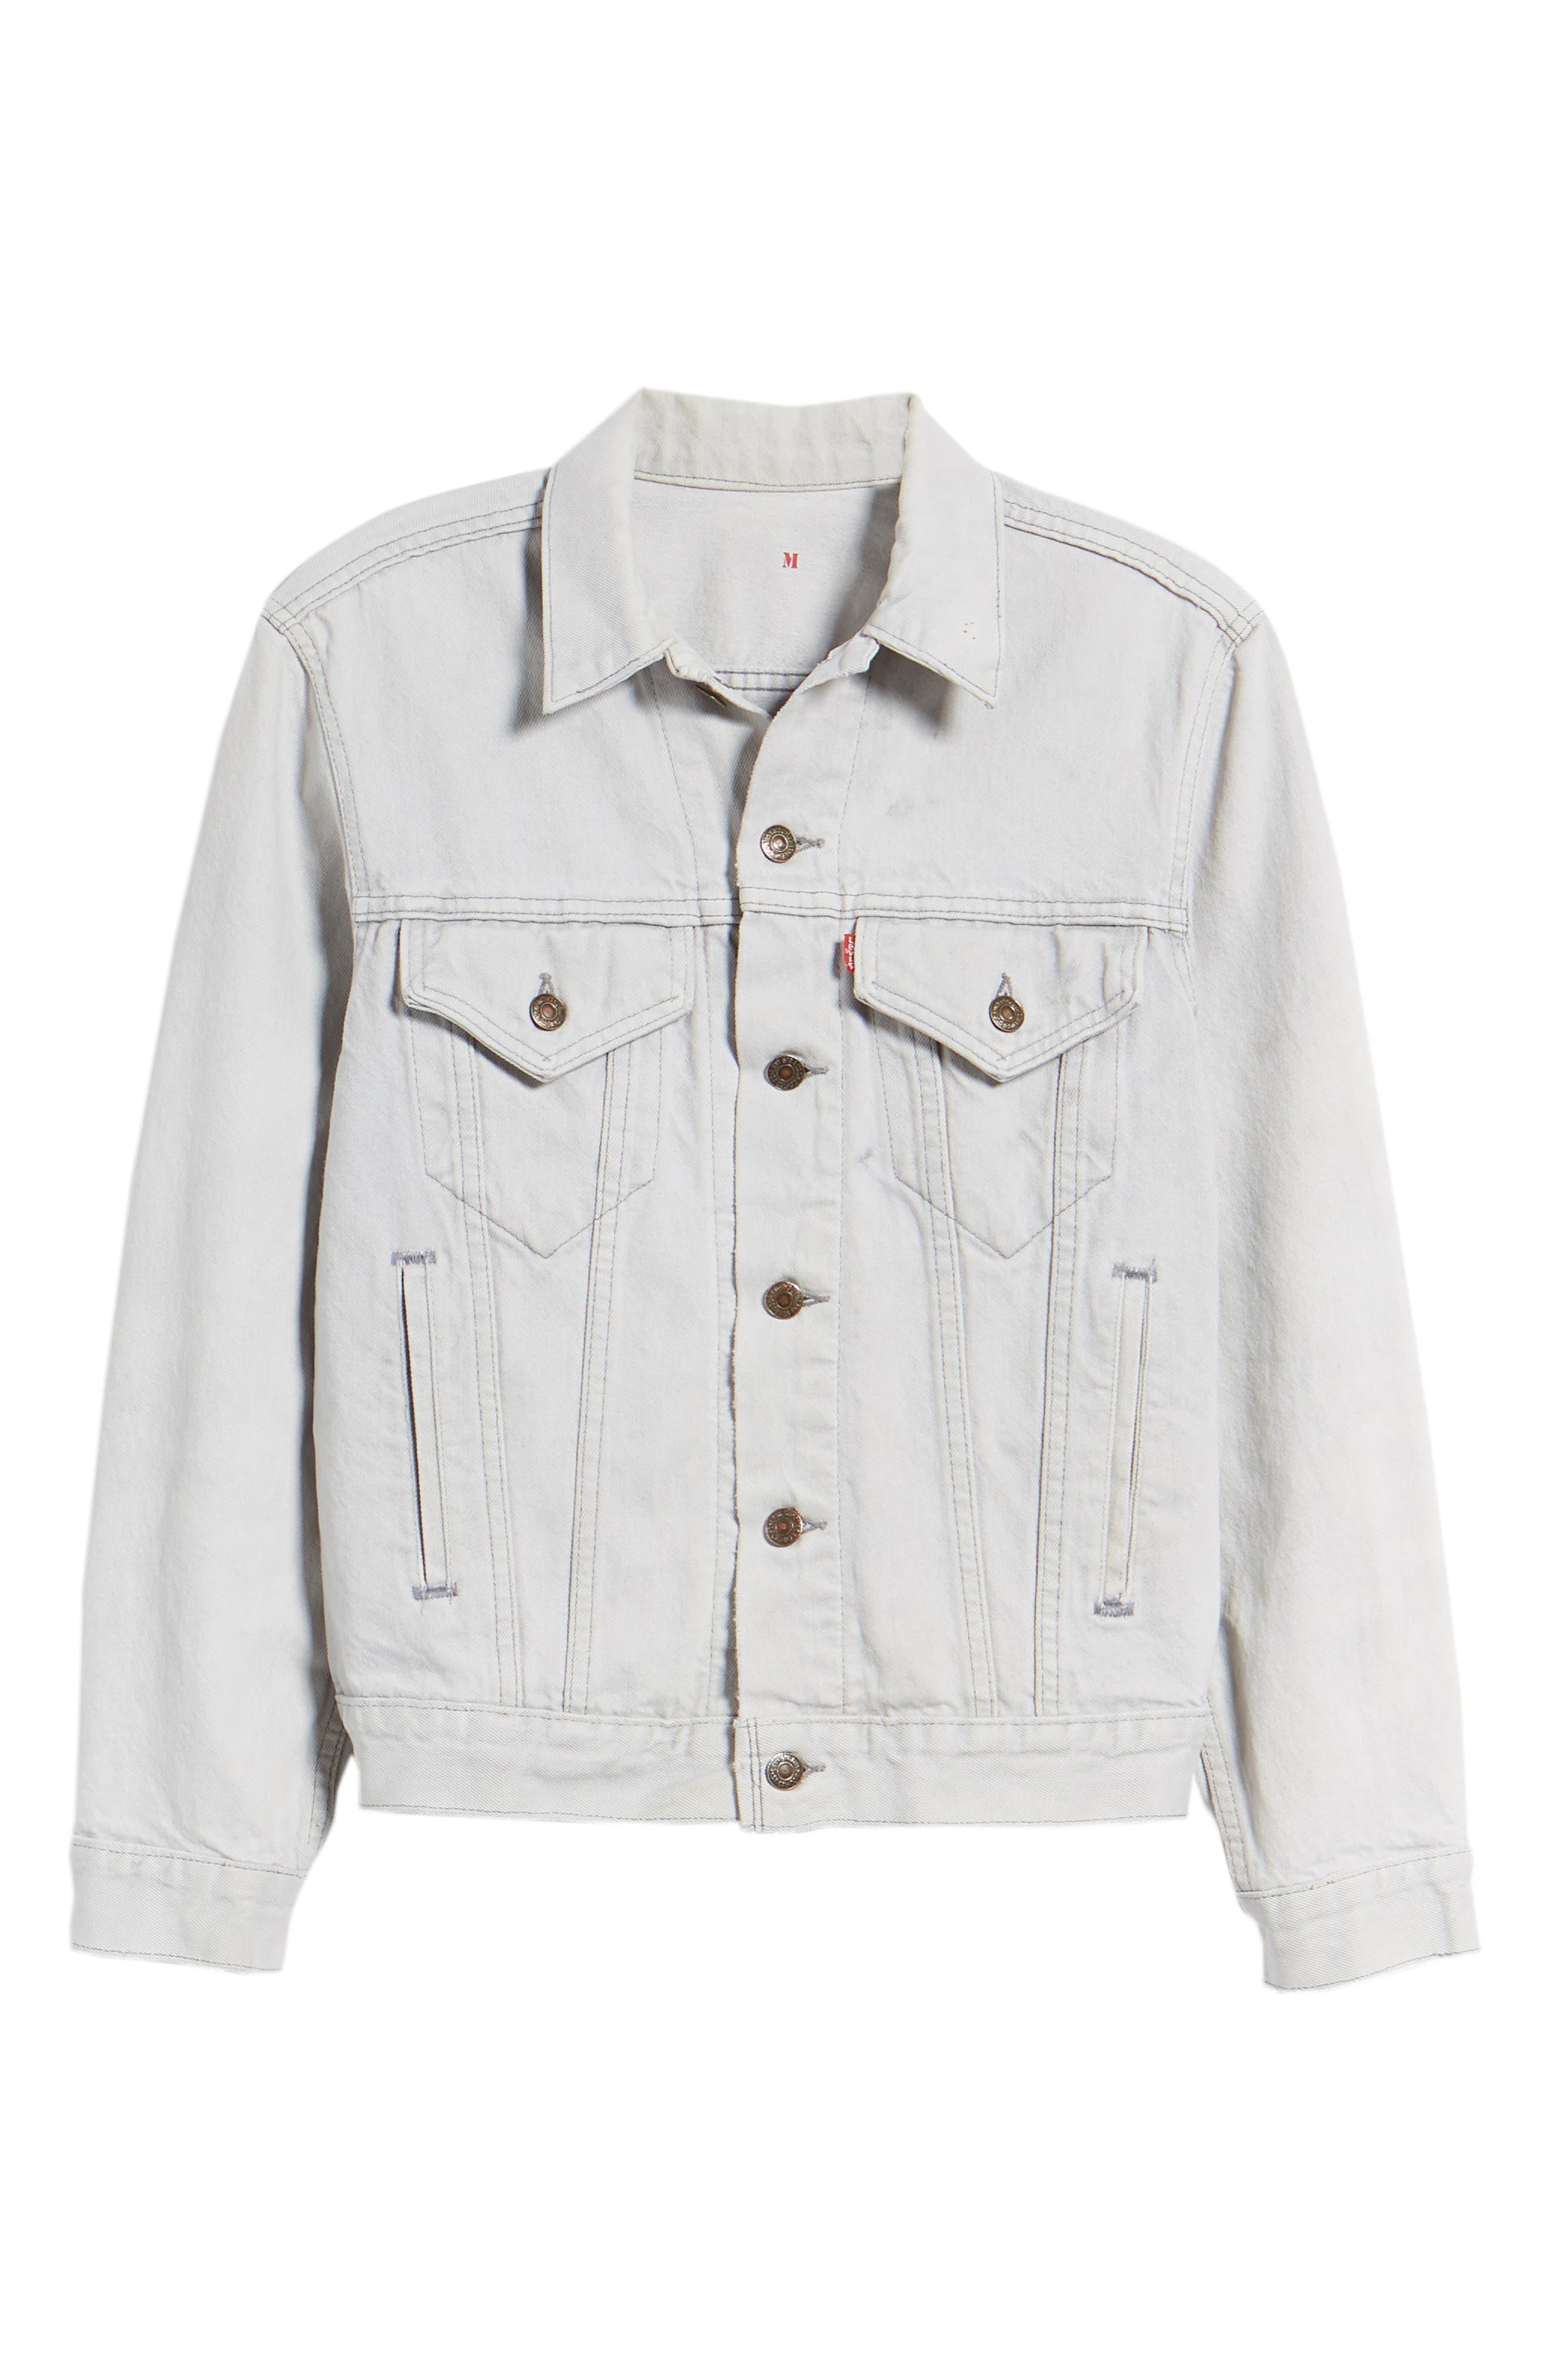 Authorized Vintage Denim Trucker Jacket,                             Alternate thumbnail 6, color,                             Av Black